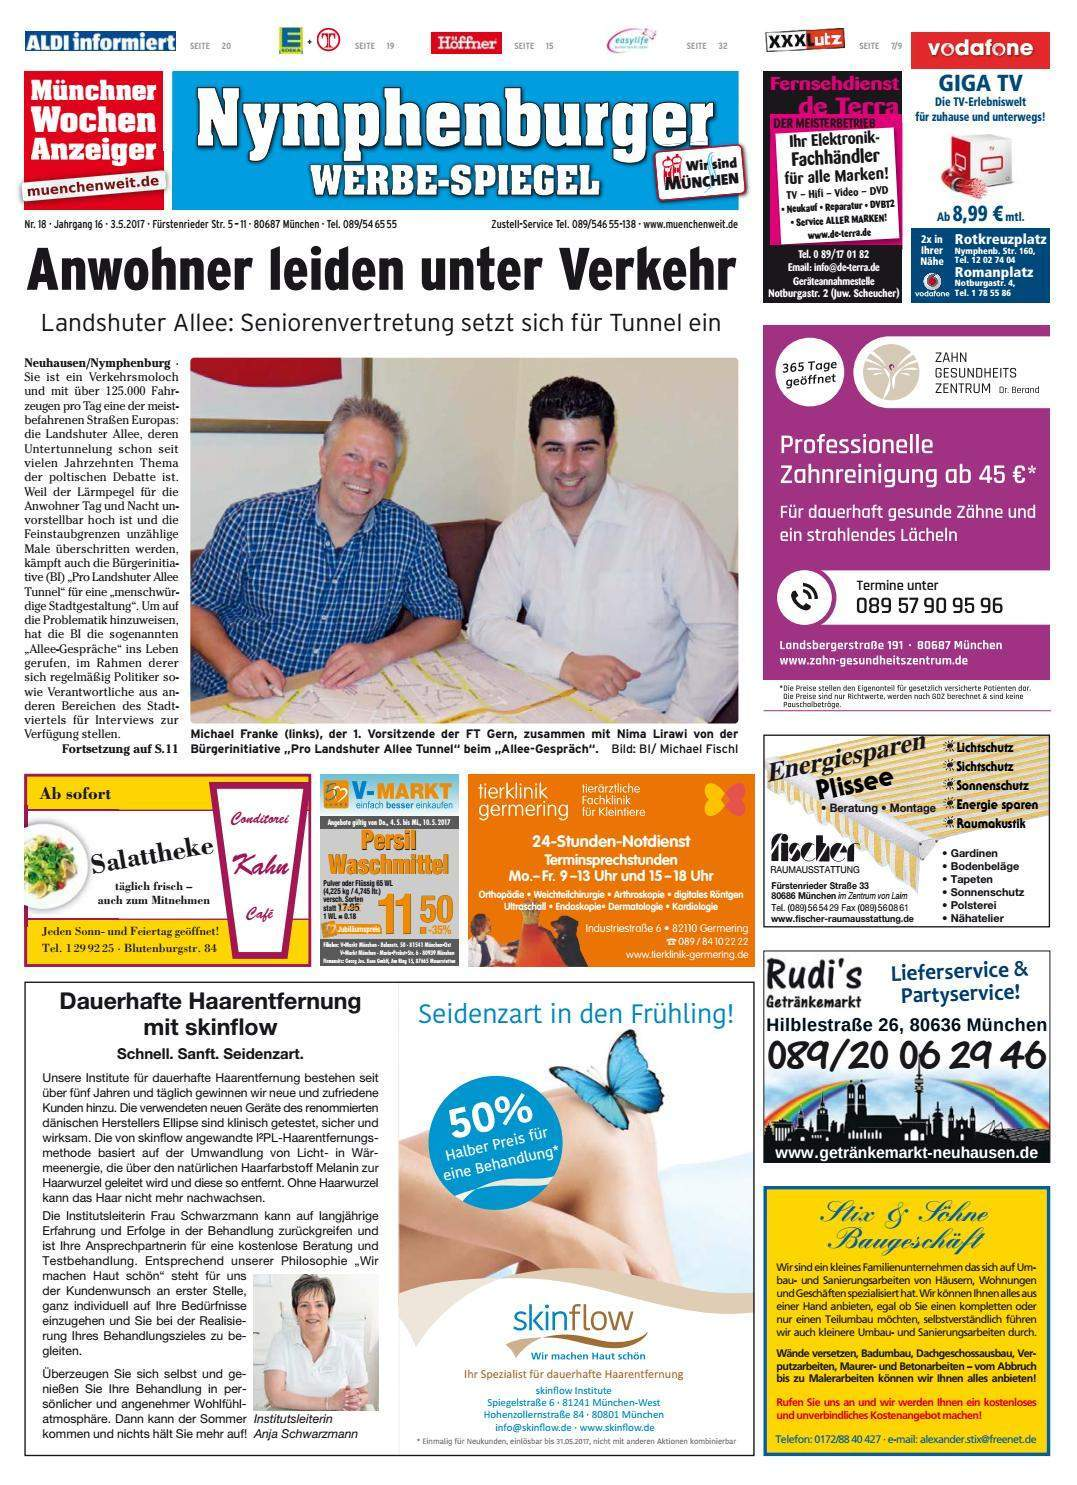 marderabwehr garten elegant kw 18 2017 by wochenanzeiger me n gmbh issuu of marderabwehr garten